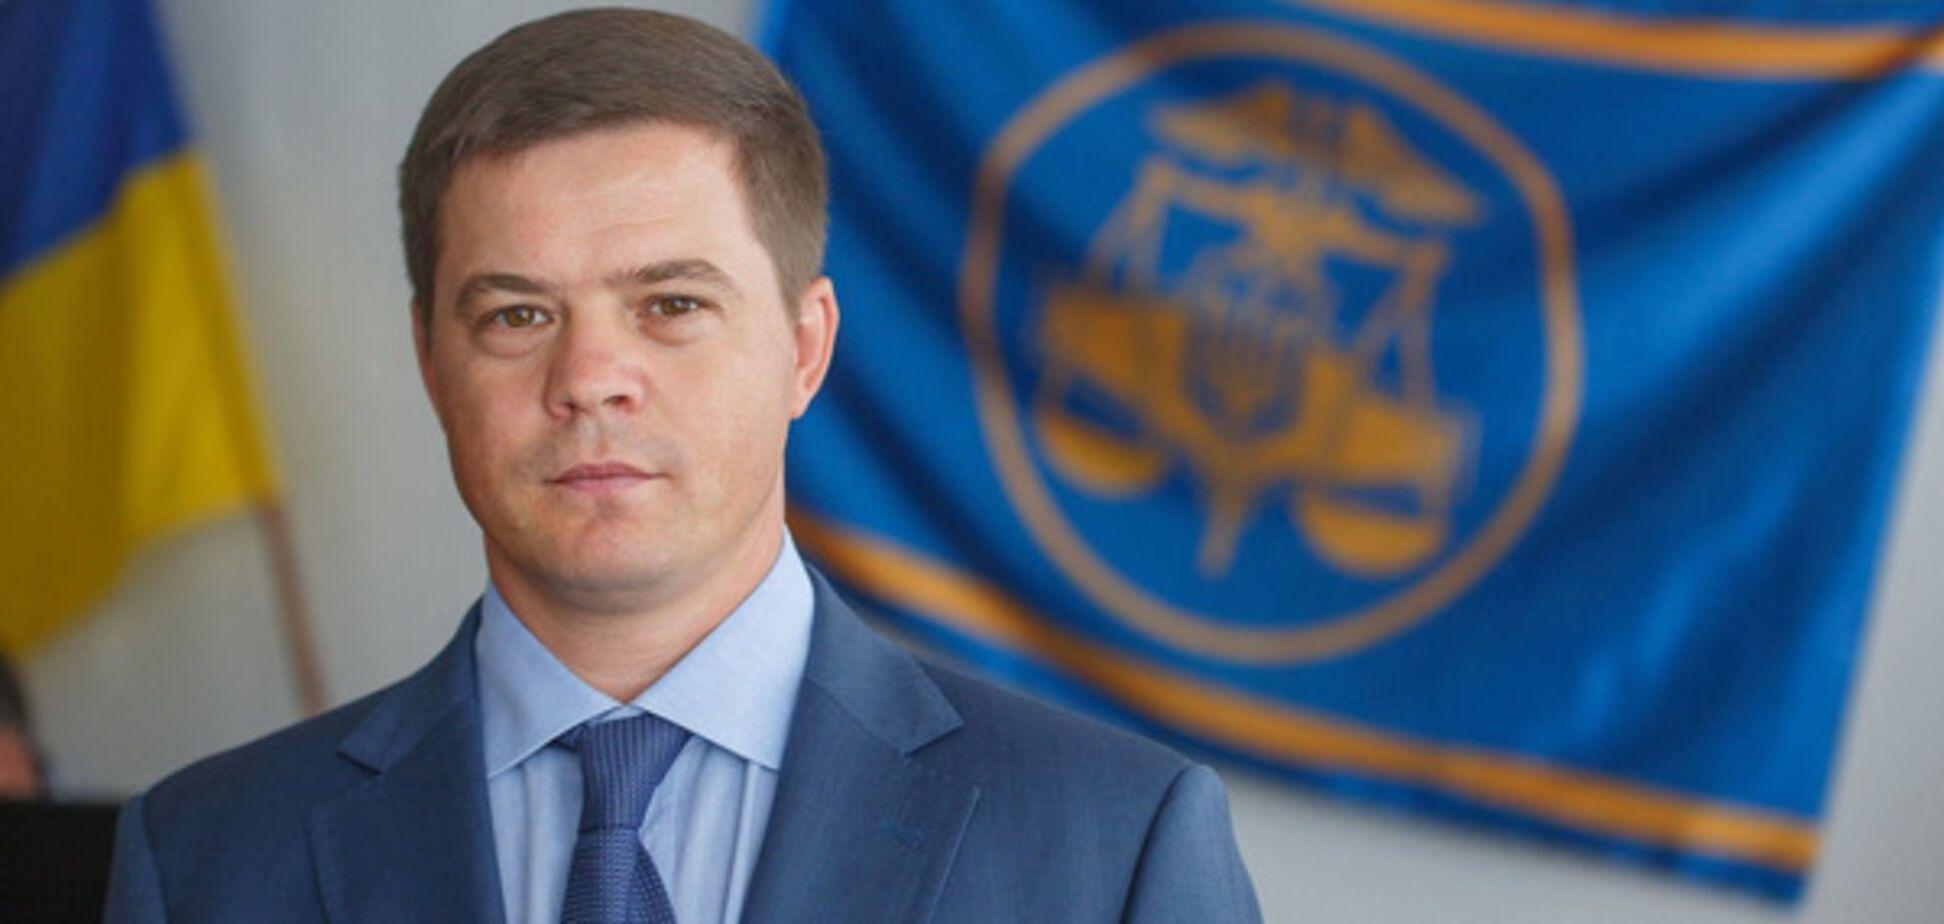 Головний митник Києва розповів про автоматизовані виявленні контрабанди